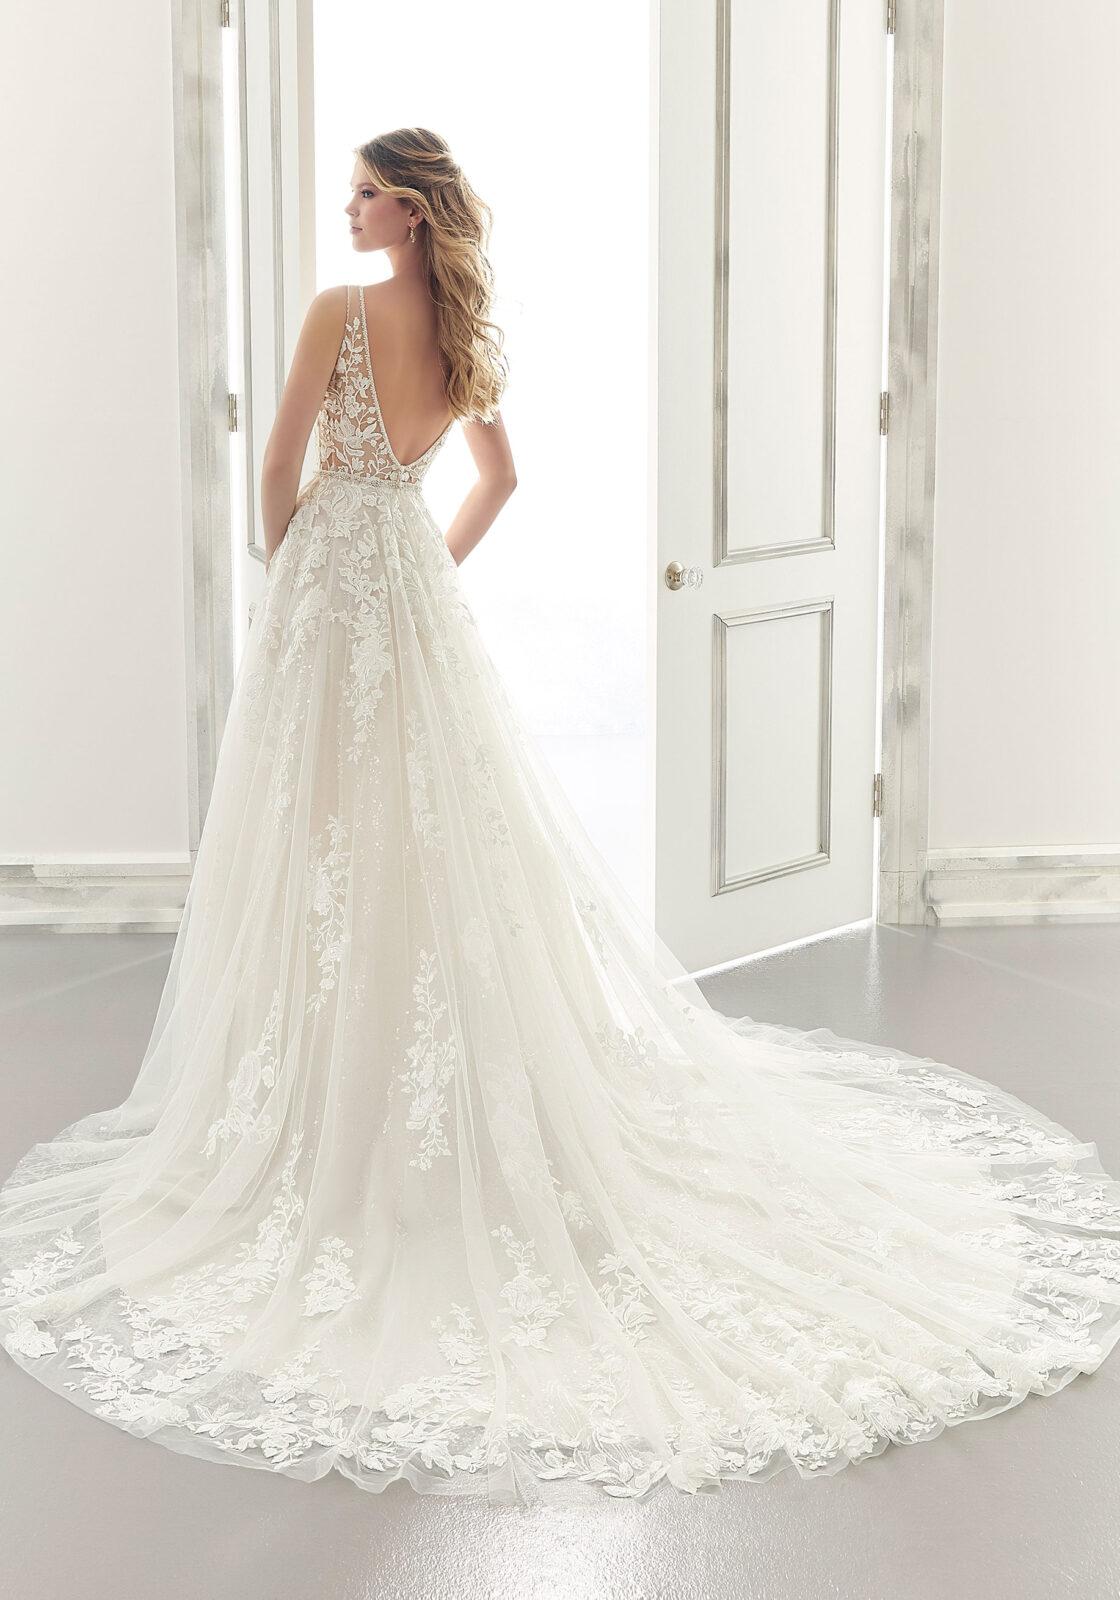 morilee-bridal-gown-10.jpg